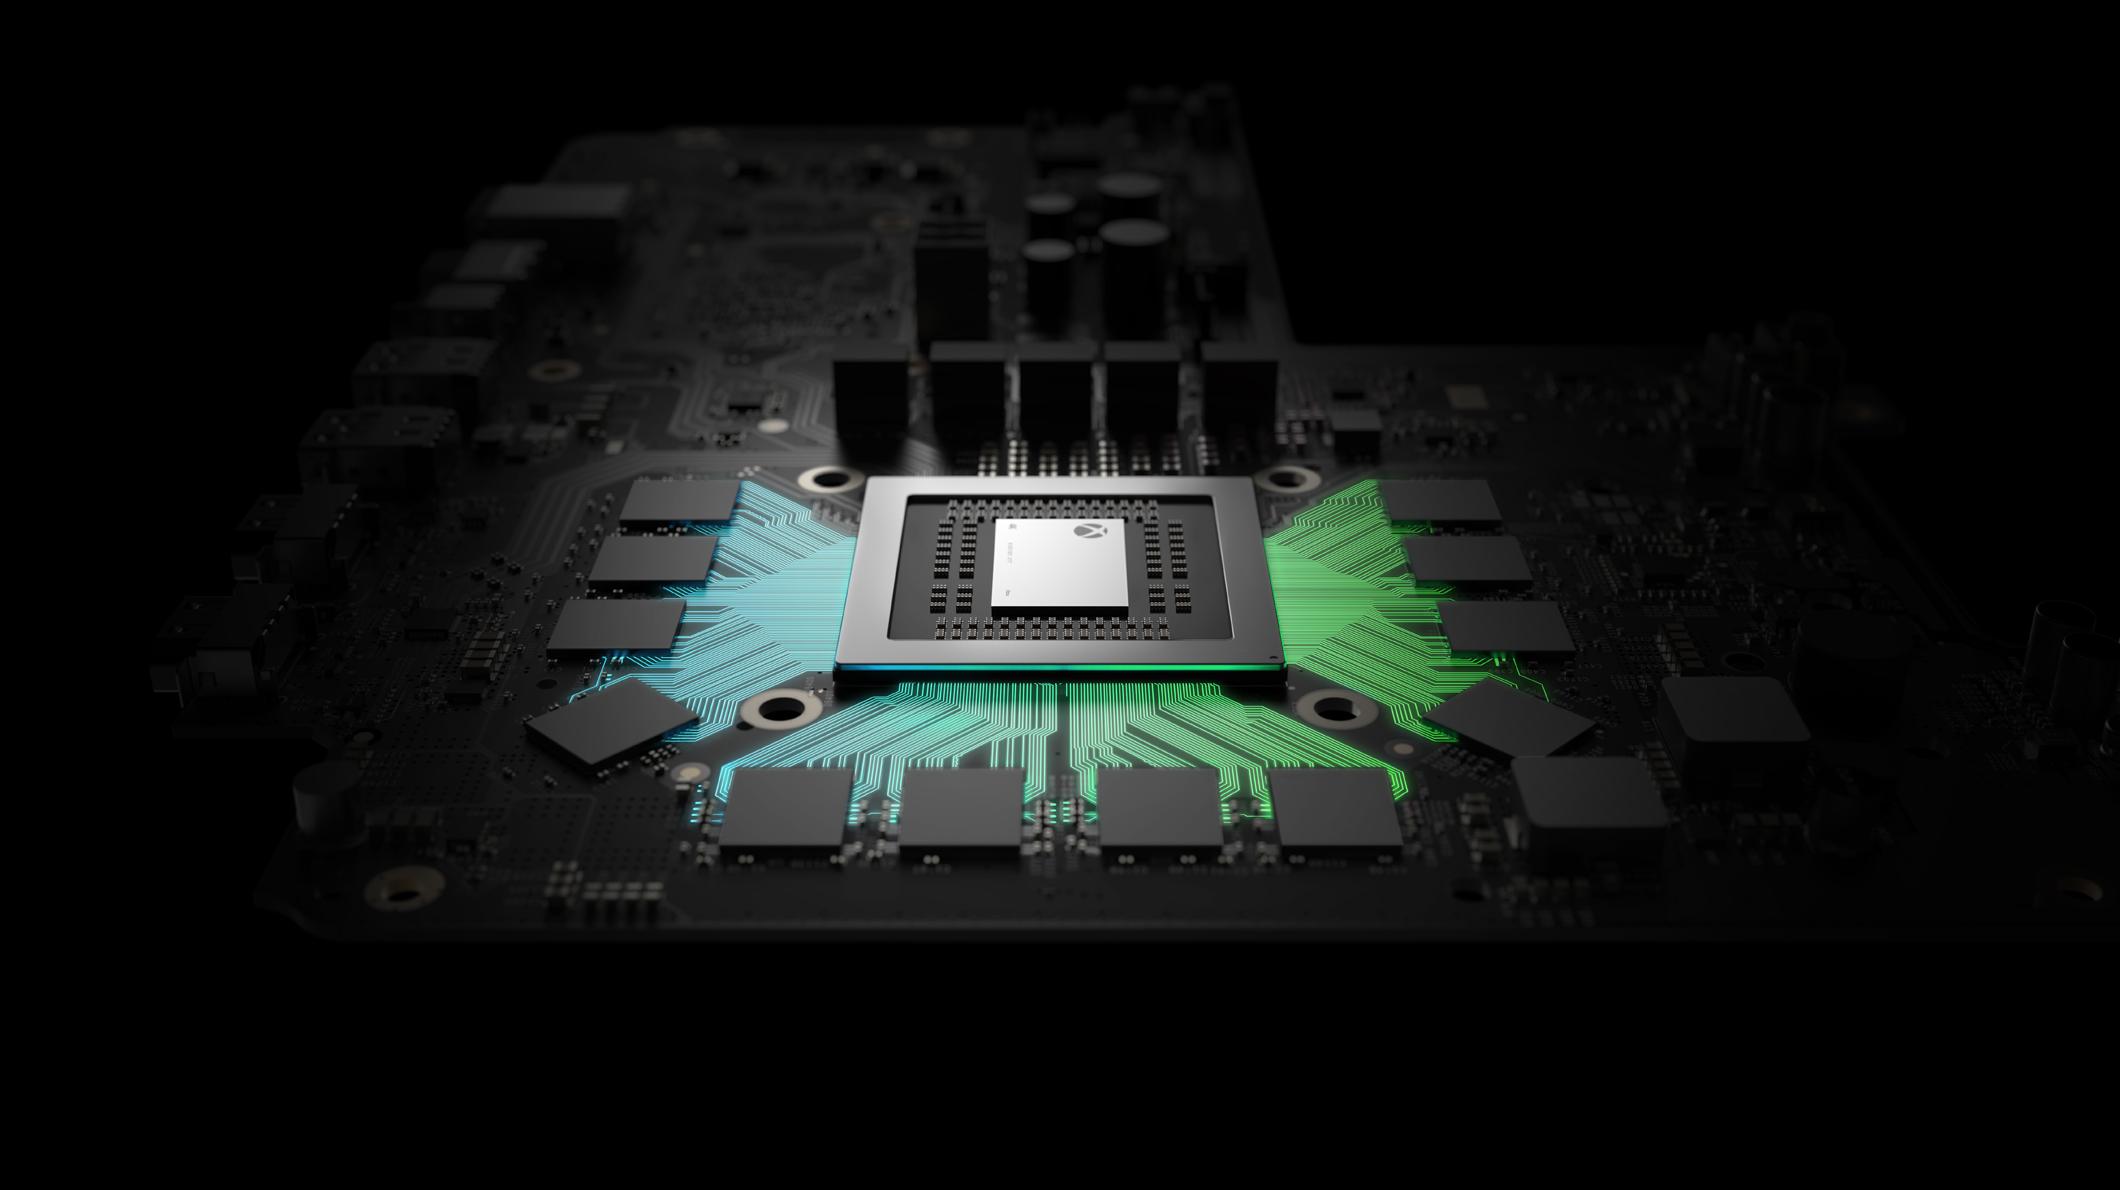 Xbox One X processor